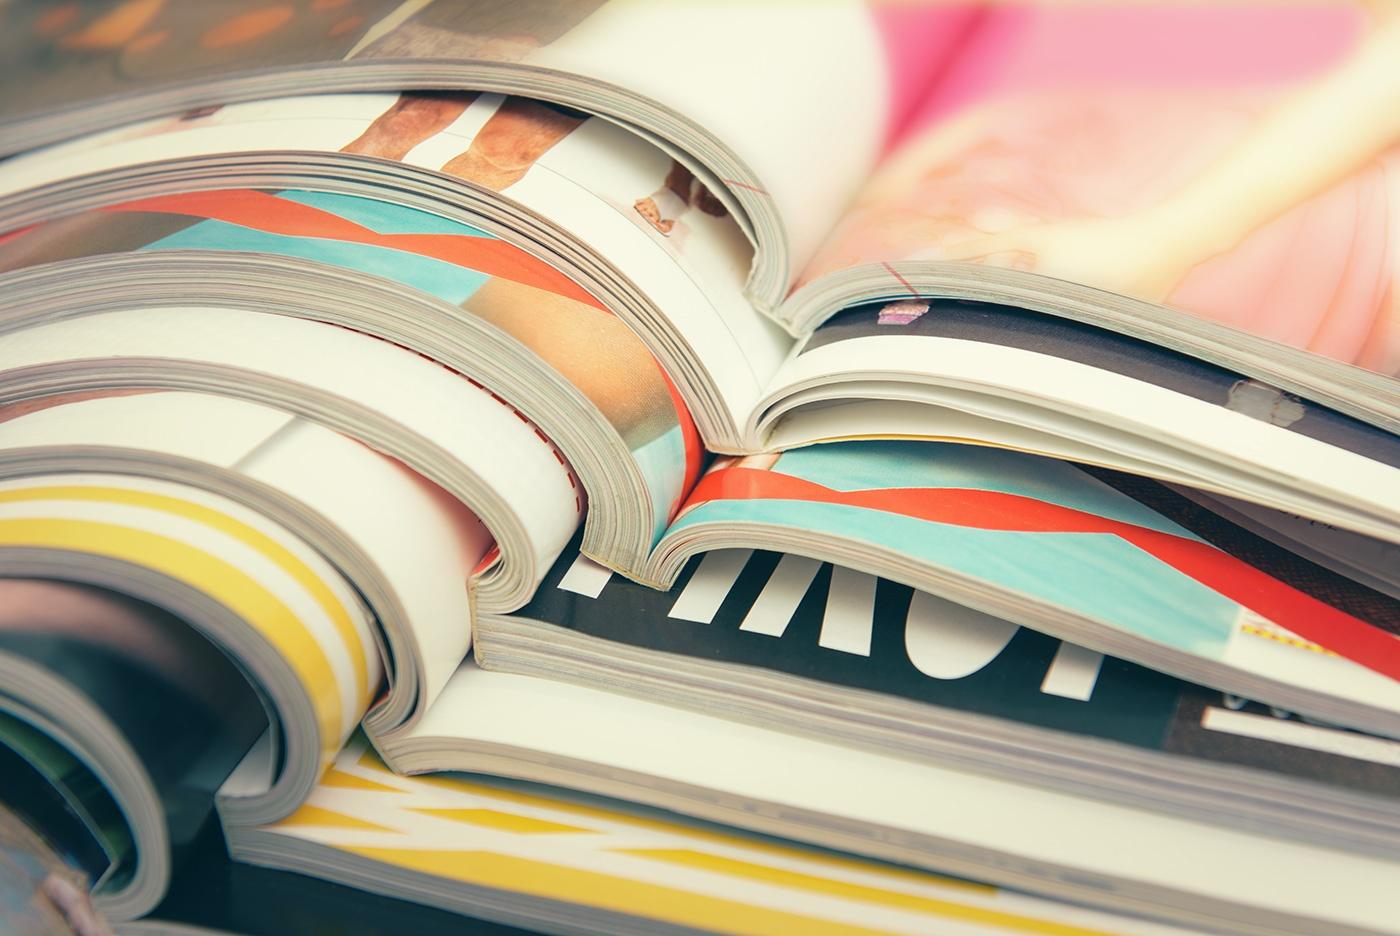 bground-publishers-associations